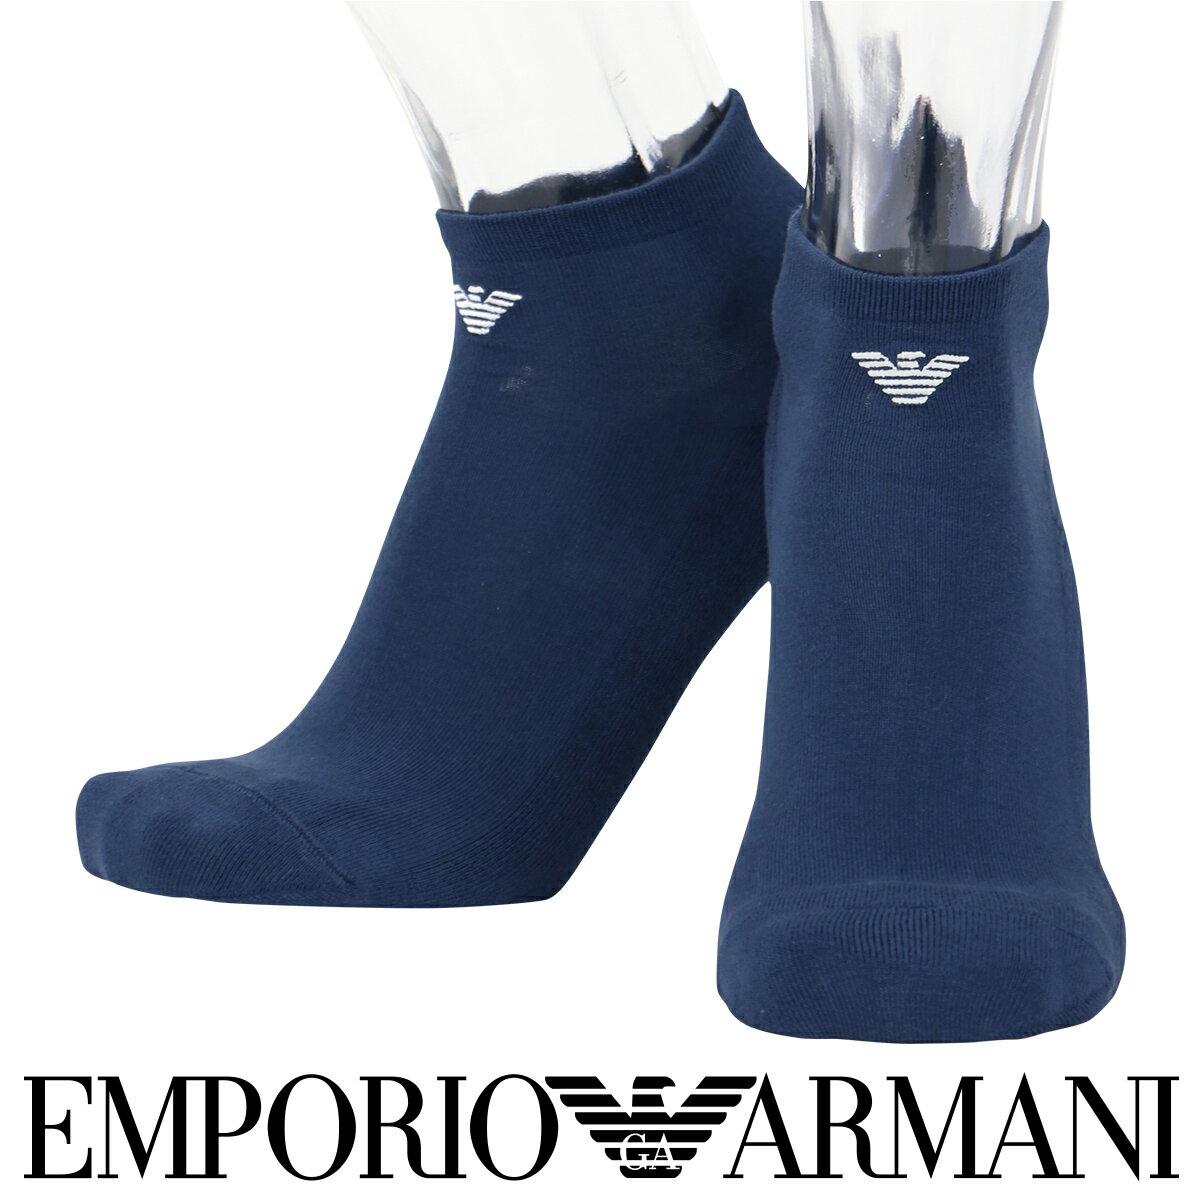 EMPORIO ARMANI ( エンポリオ アルマーニ )底パイル メンズ ソックス 靴下フットカバー カバーソックス綿混 ワンポイントロゴ ショートソックス男性 メンズ プレゼント 贈答 ギフト2322-020ポイント10倍